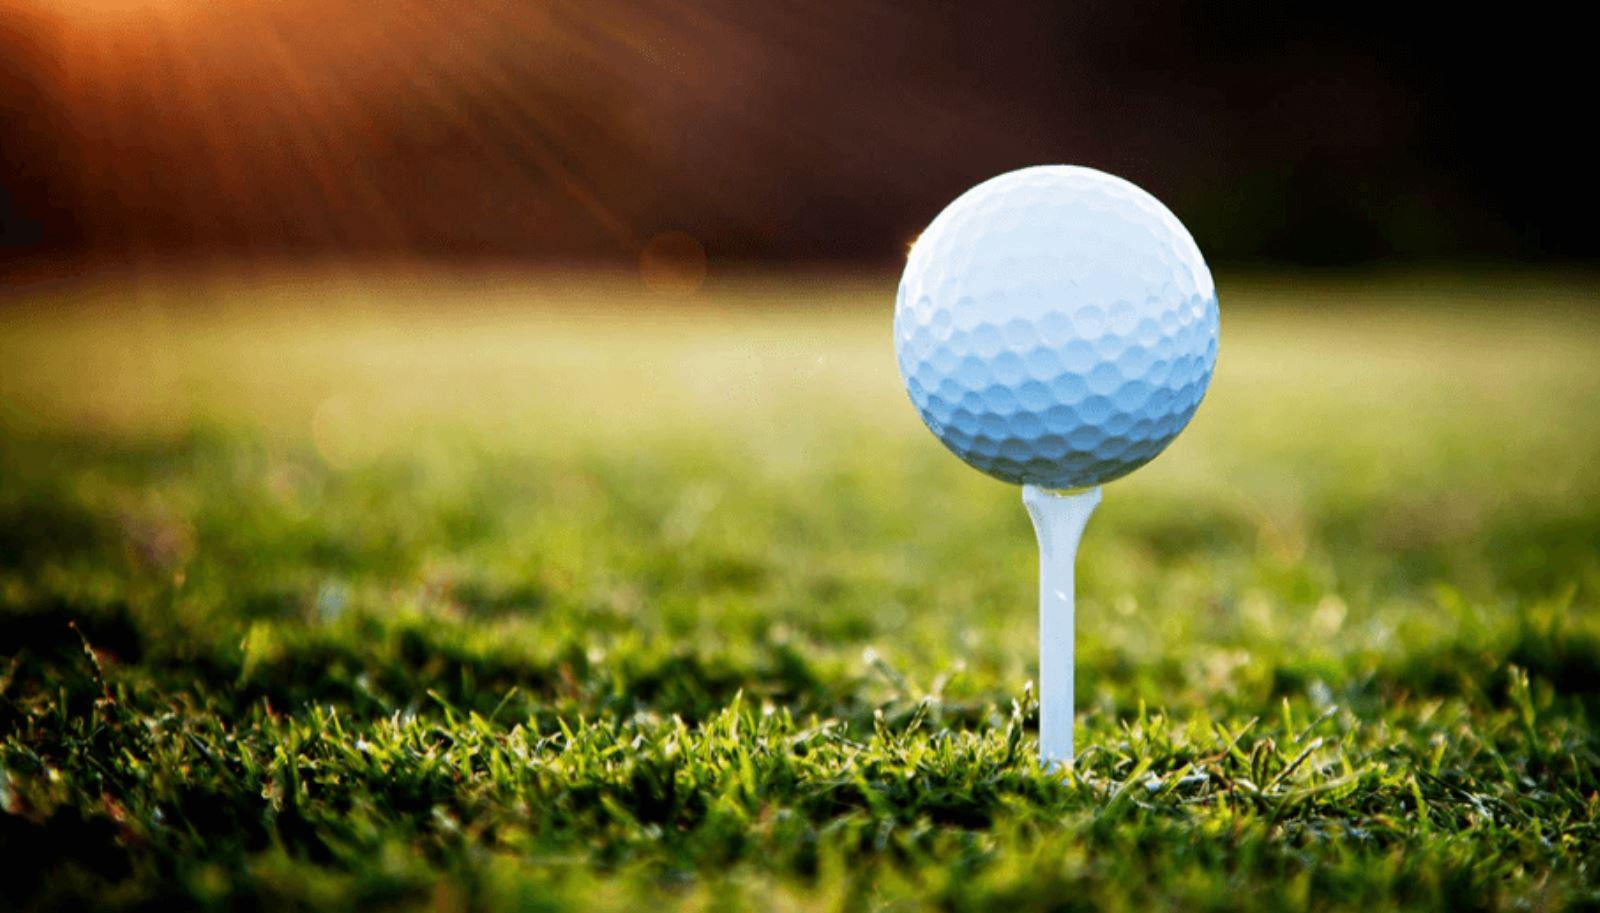 Les 5 meilleures balles de golf pour un bon contrôle des accidents vasculaires cérébraux